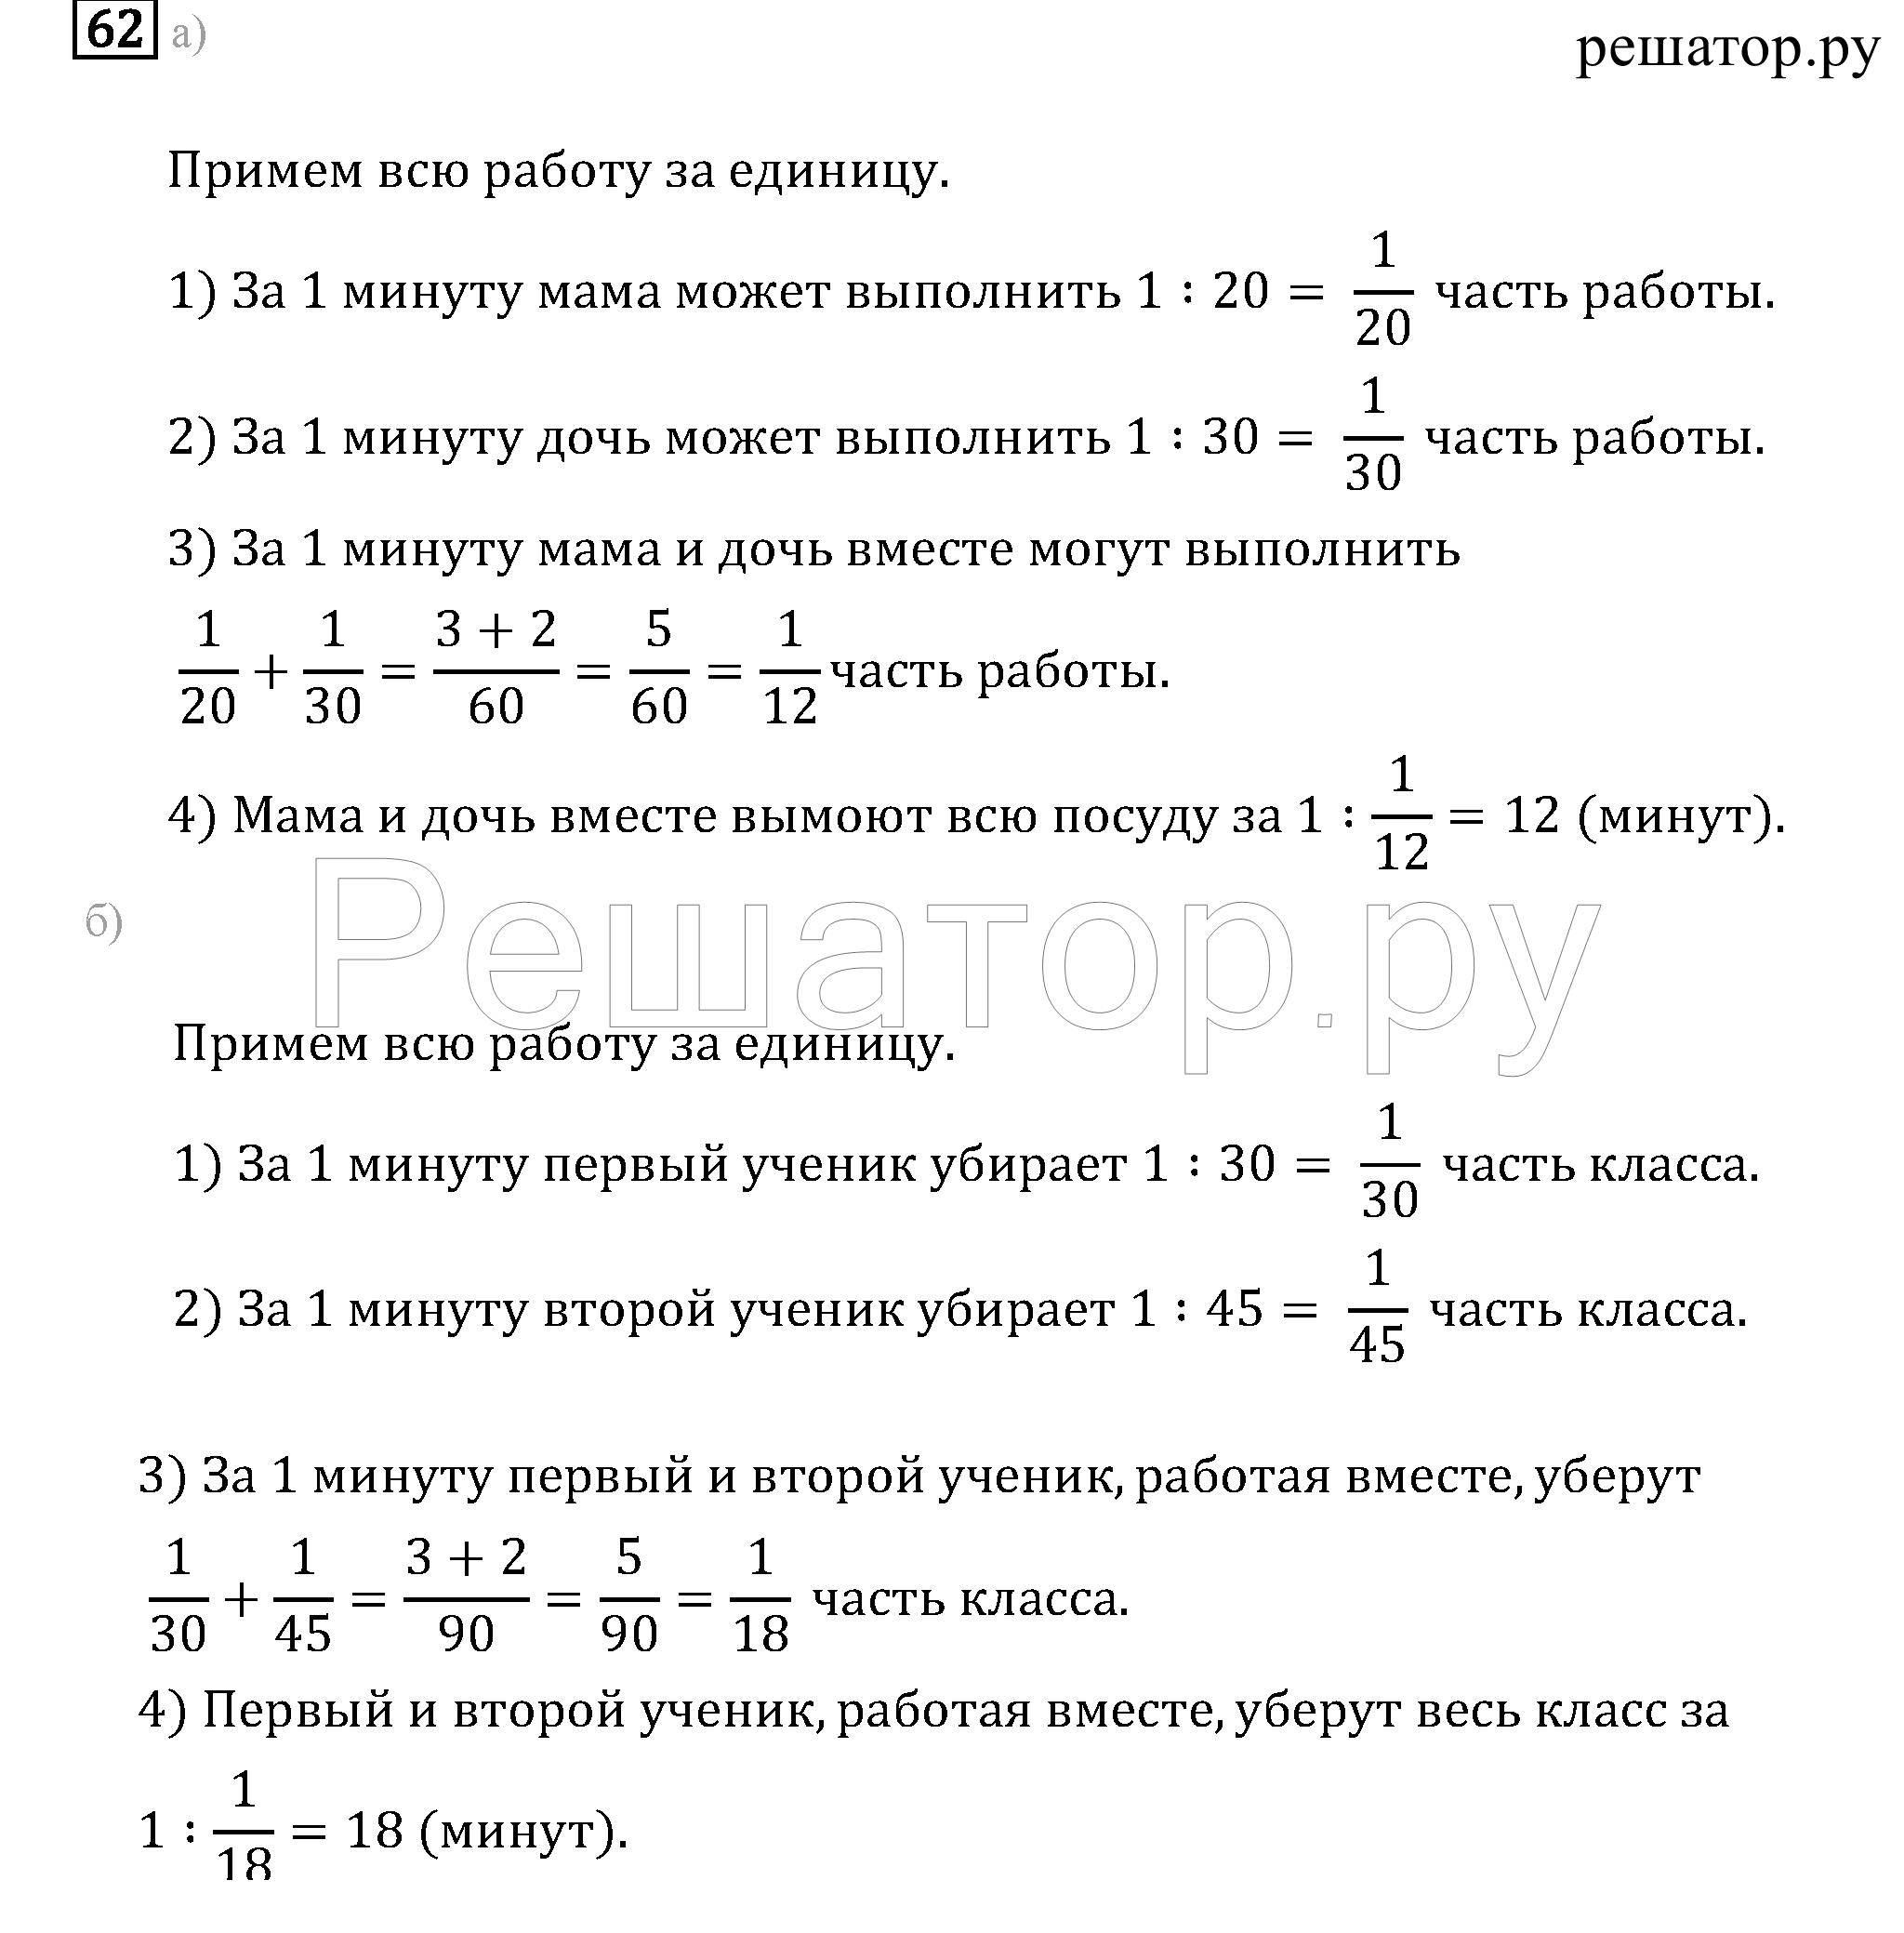 Гдз по математике 6 класс тетрадь-экзаменатор бунимович.